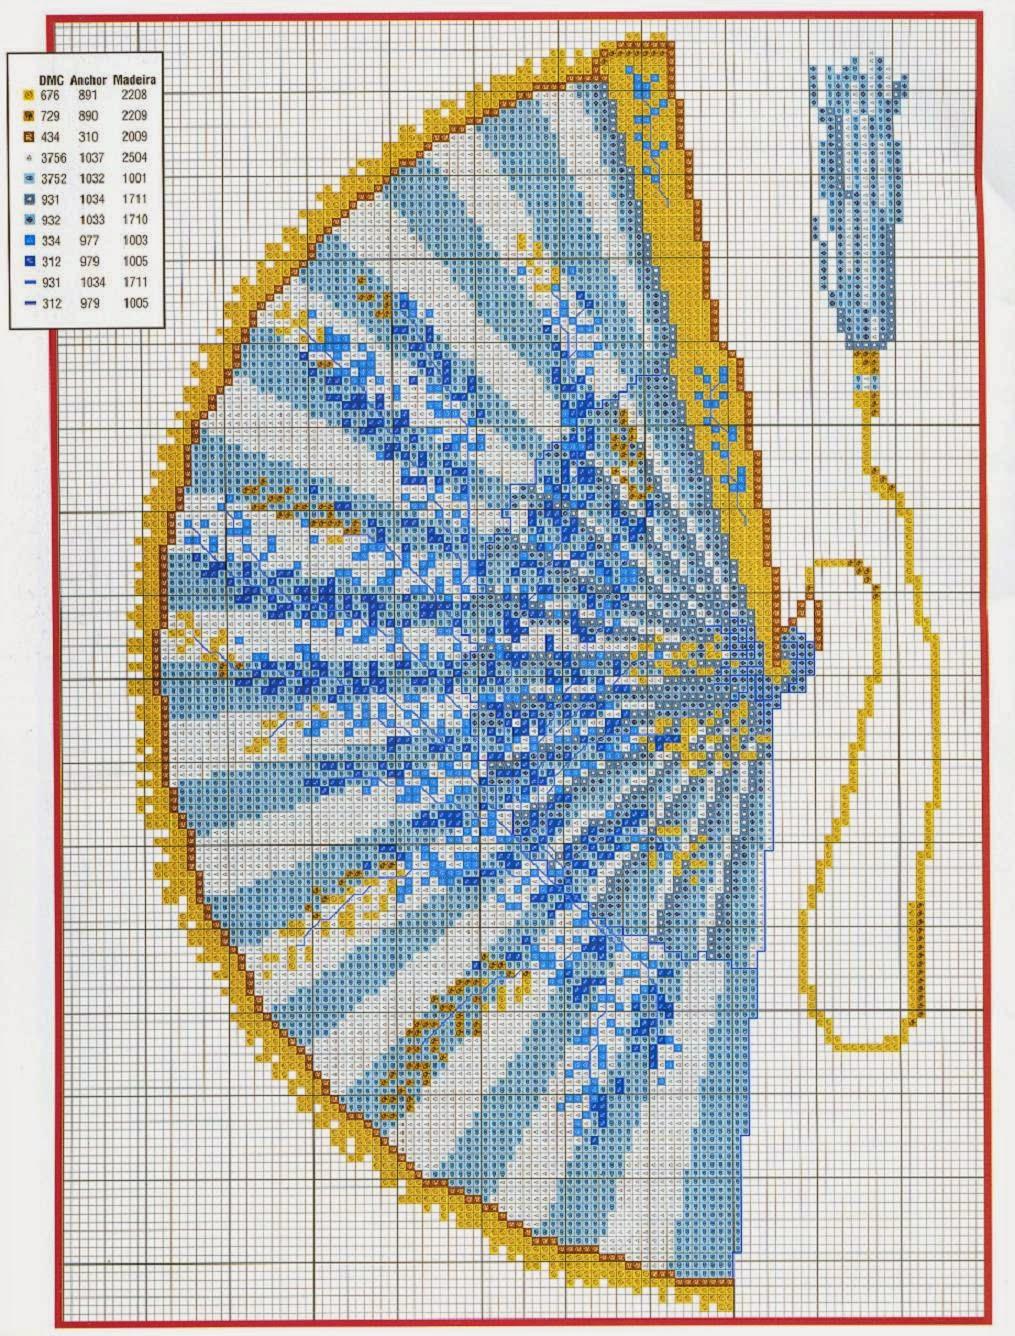 Hobby lavori femminili ricamo uncinetto maglia for Ventagli uncinetto schemi